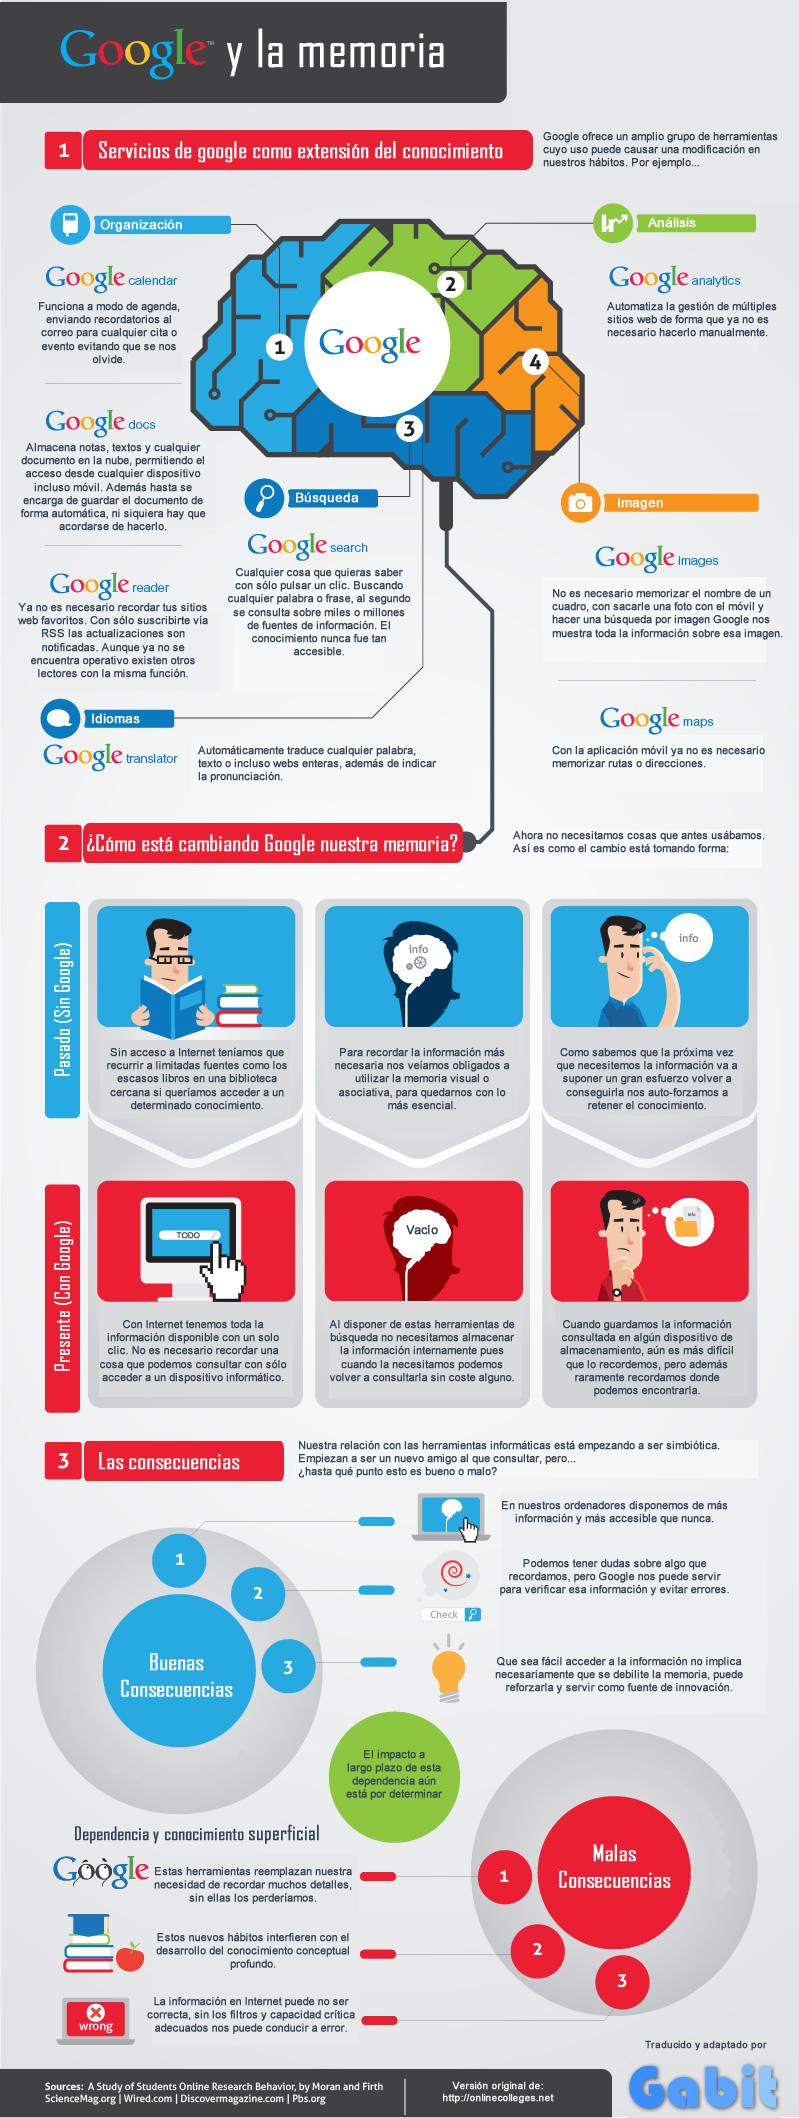 Infografía Google y la memoria